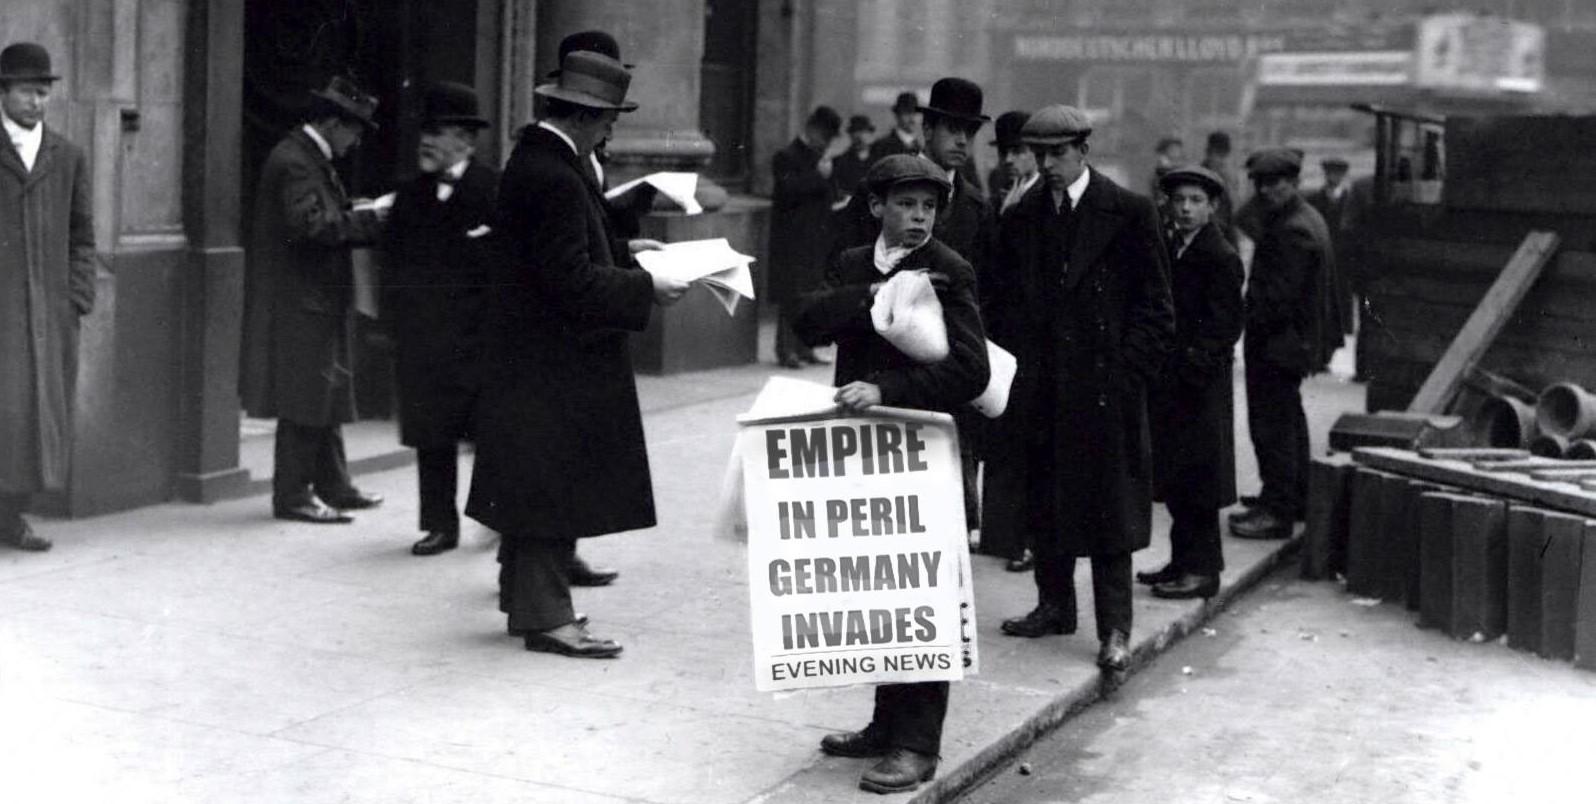 Empire in Peril - newsboy